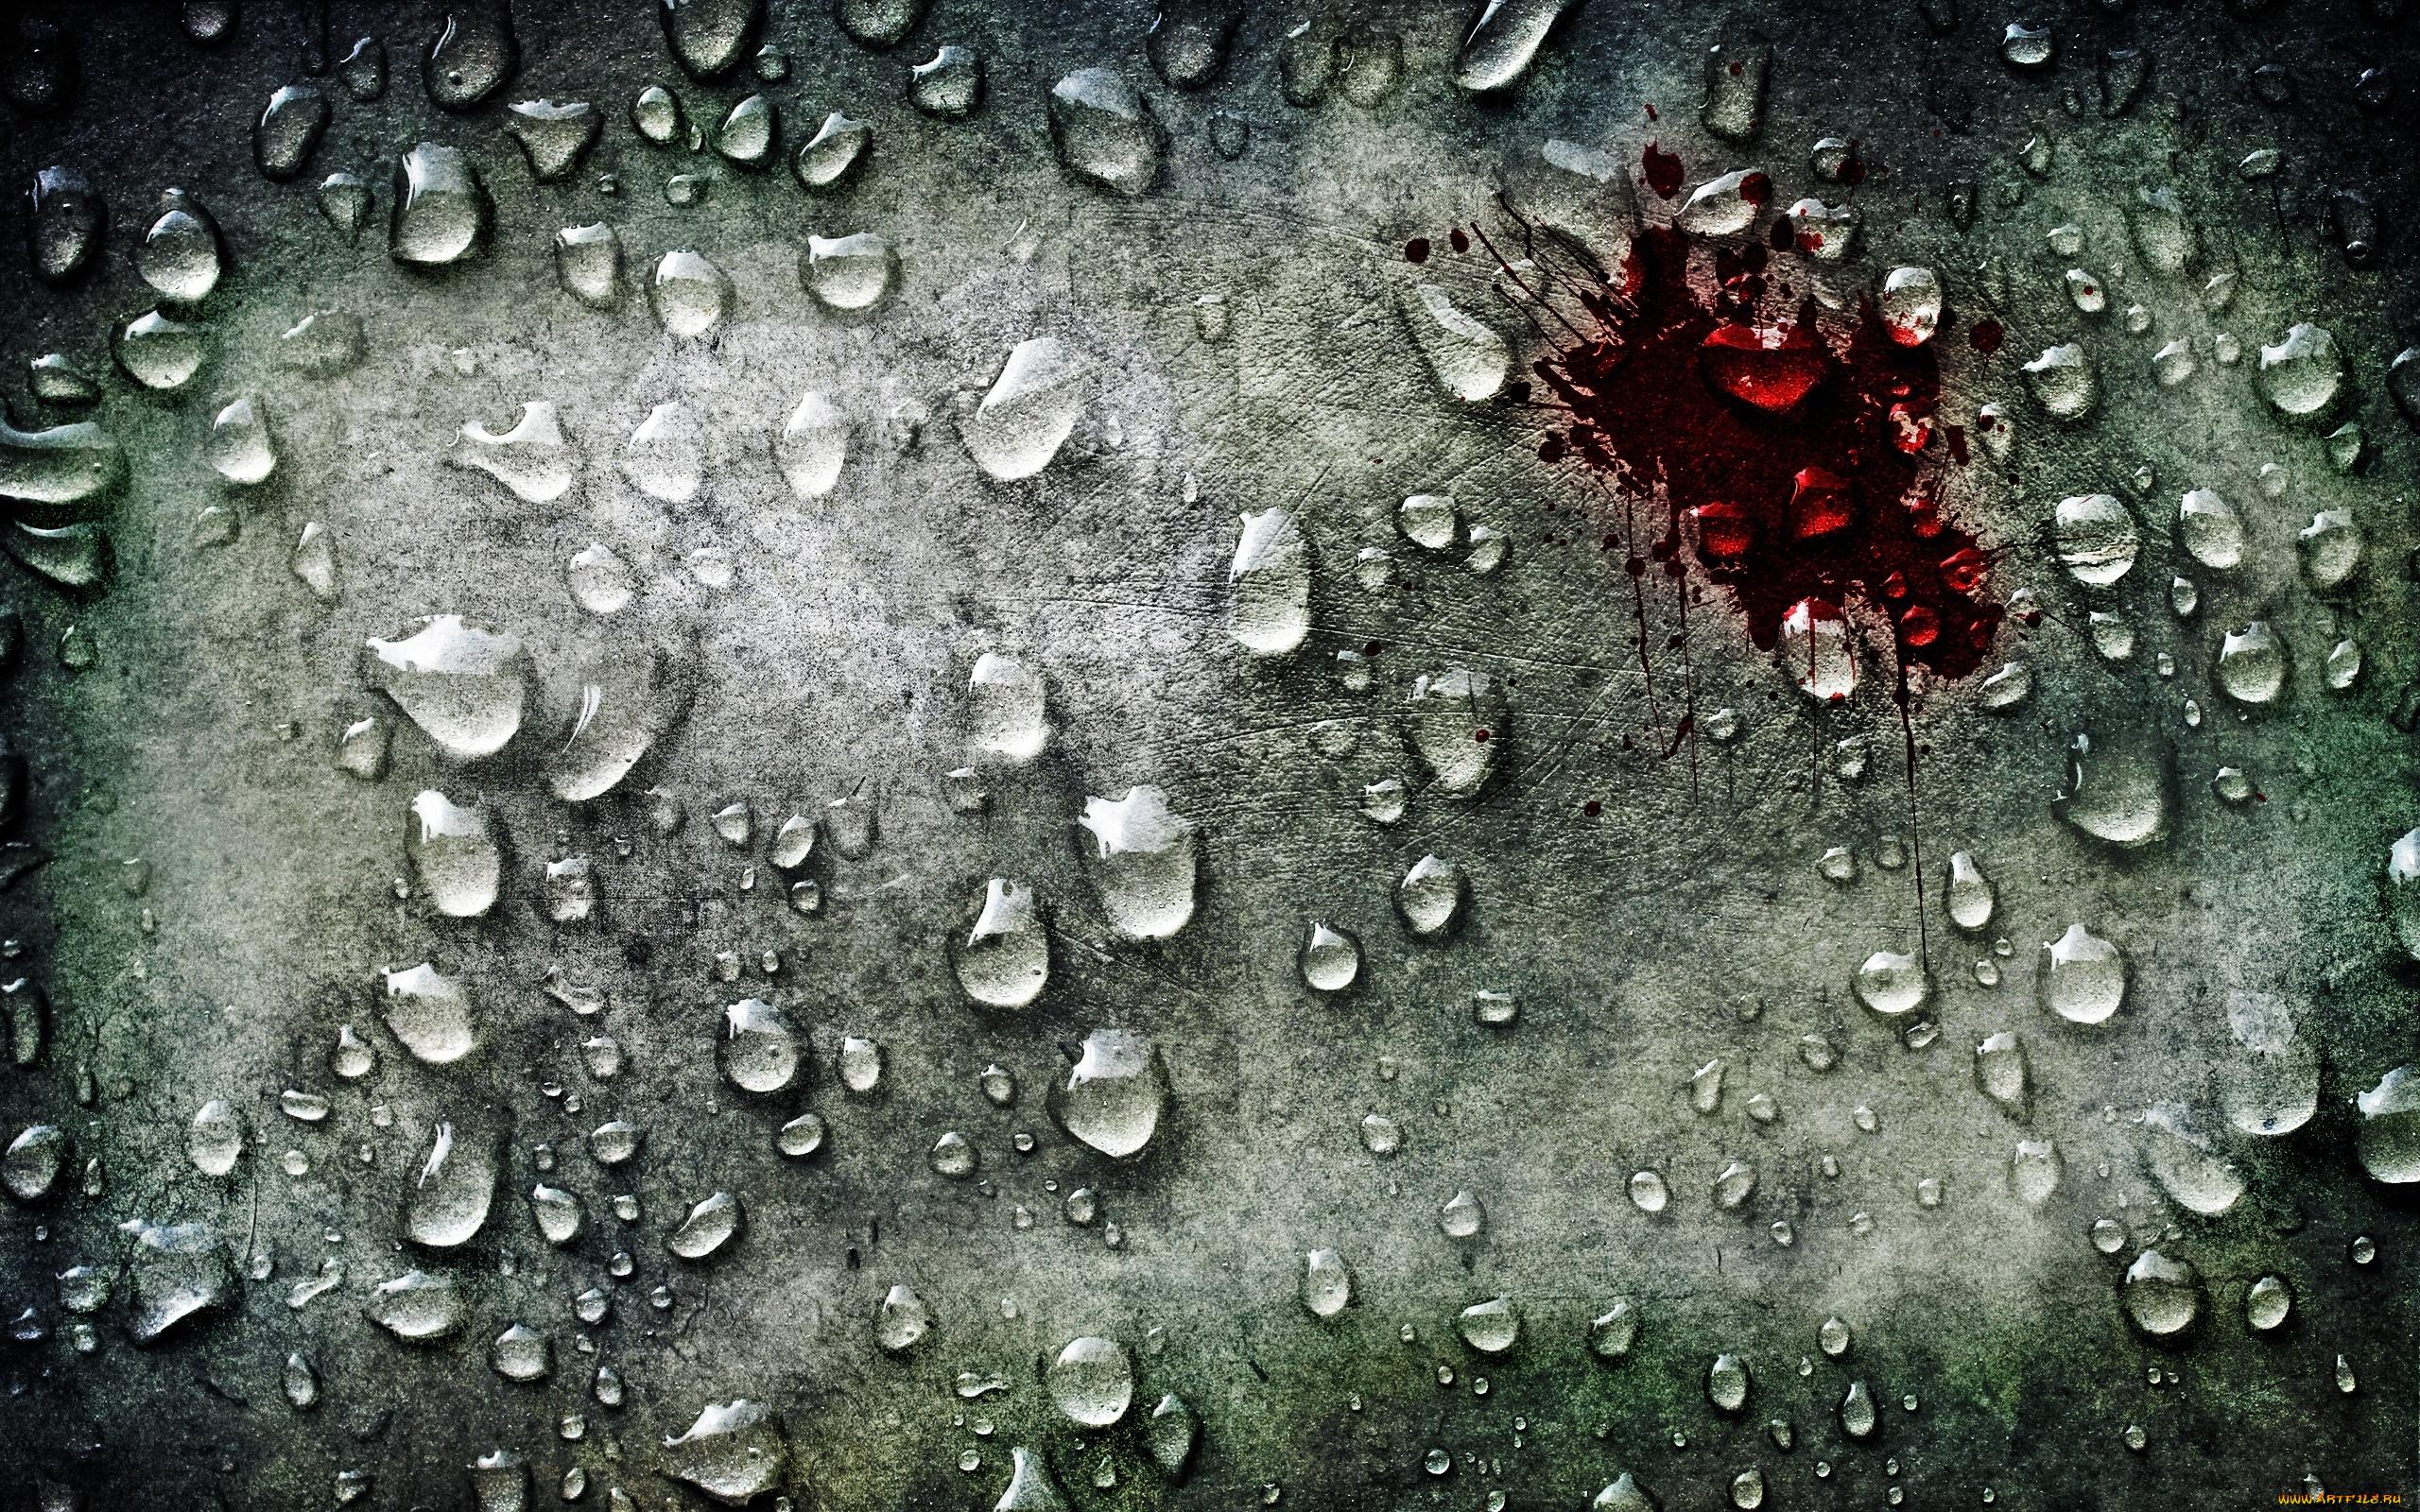 Капли дождь брызги  № 2148784 бесплатно